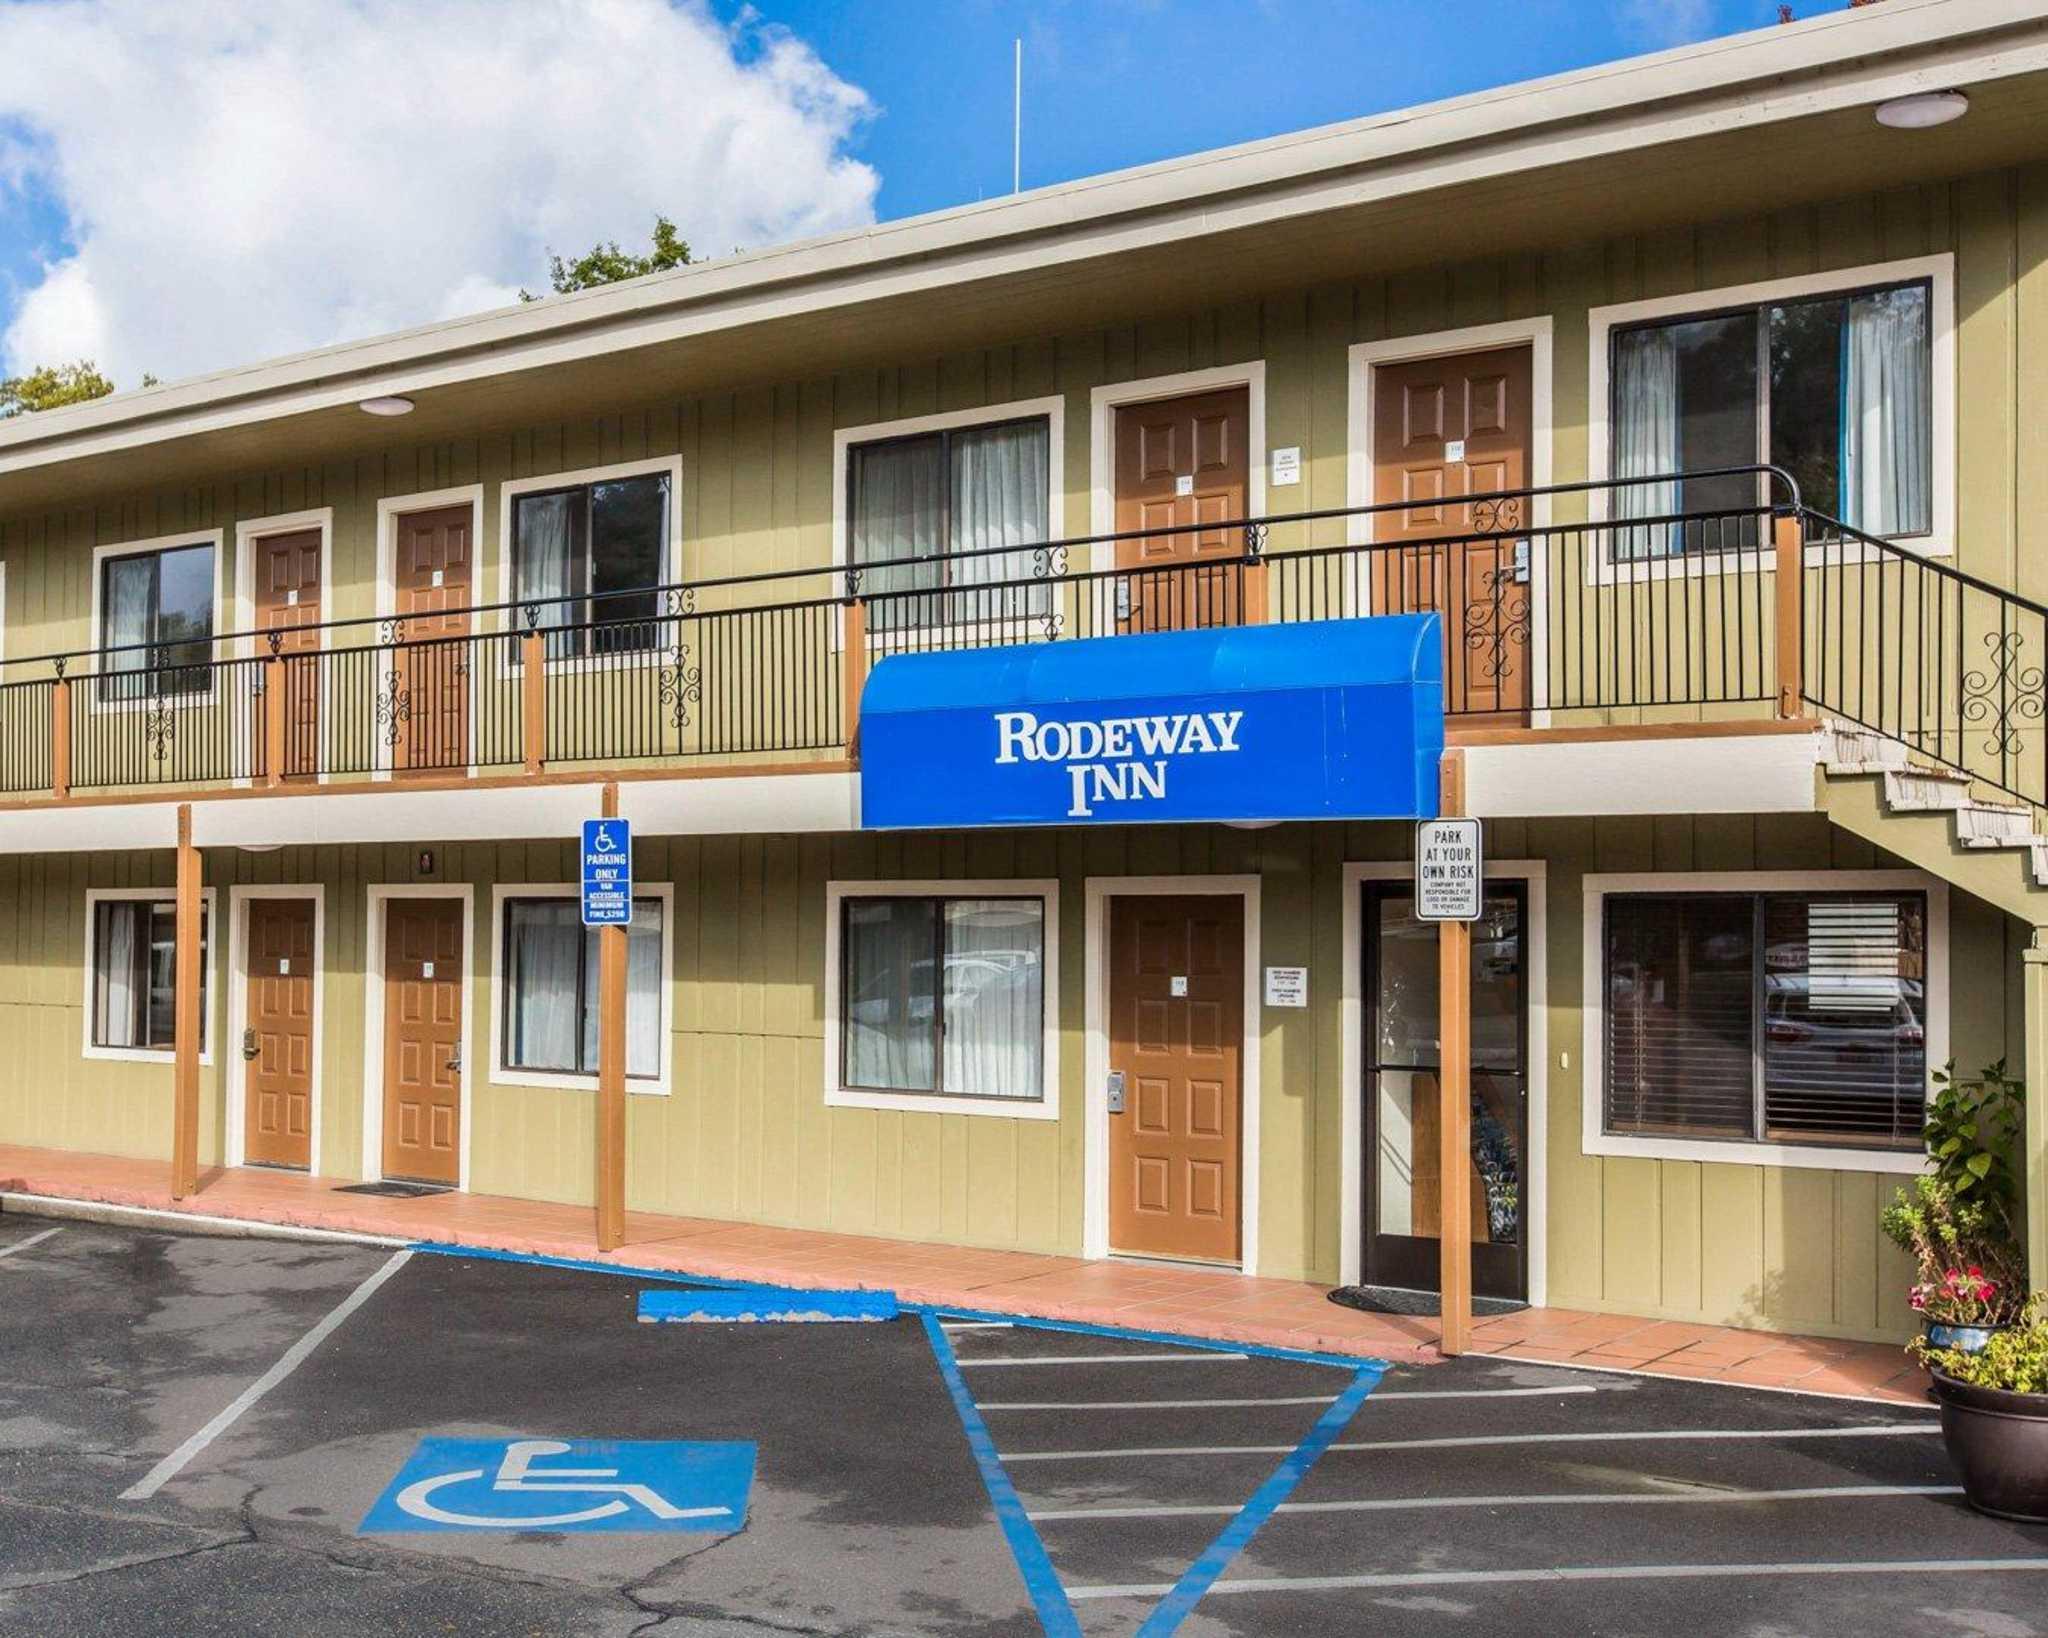 Rodeway Inn, Sonora California (CA) - LocalDatabase.com